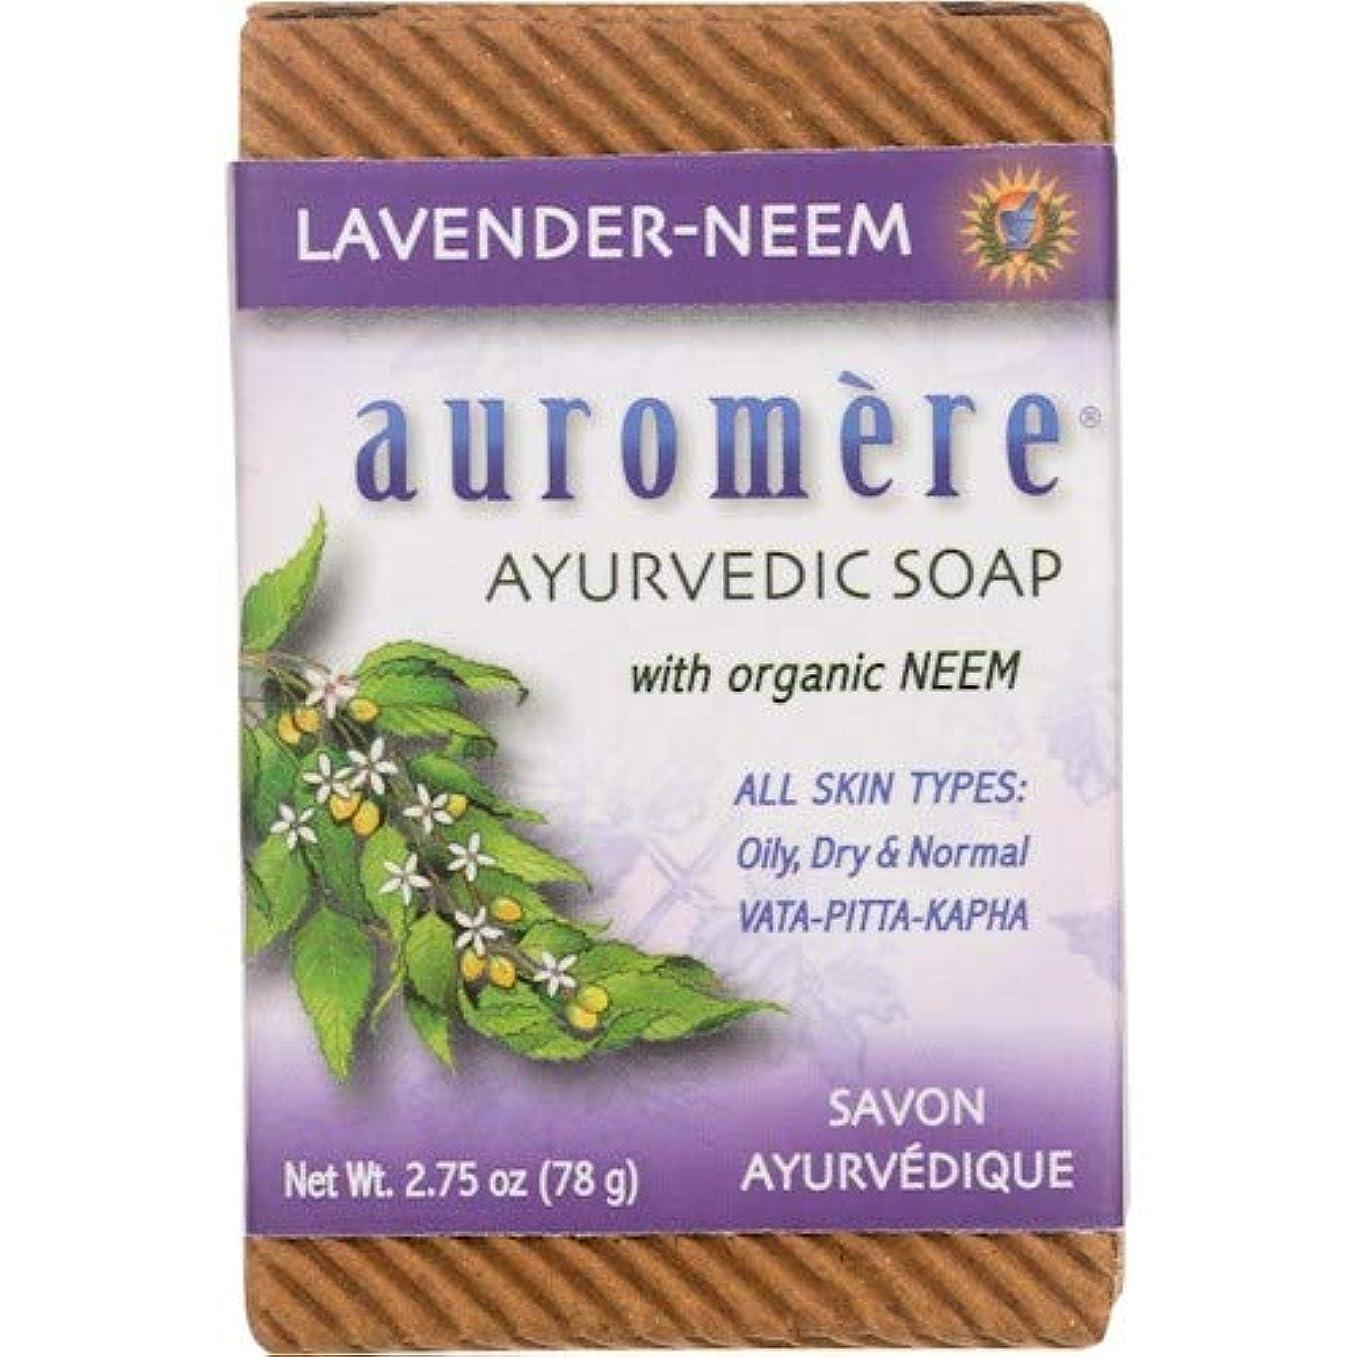 労働抑制する解釈するオーロメア (Auromere) アーユルヴェーダ 石鹸/ラベンダー?ニーム 78g 6+1個 セット